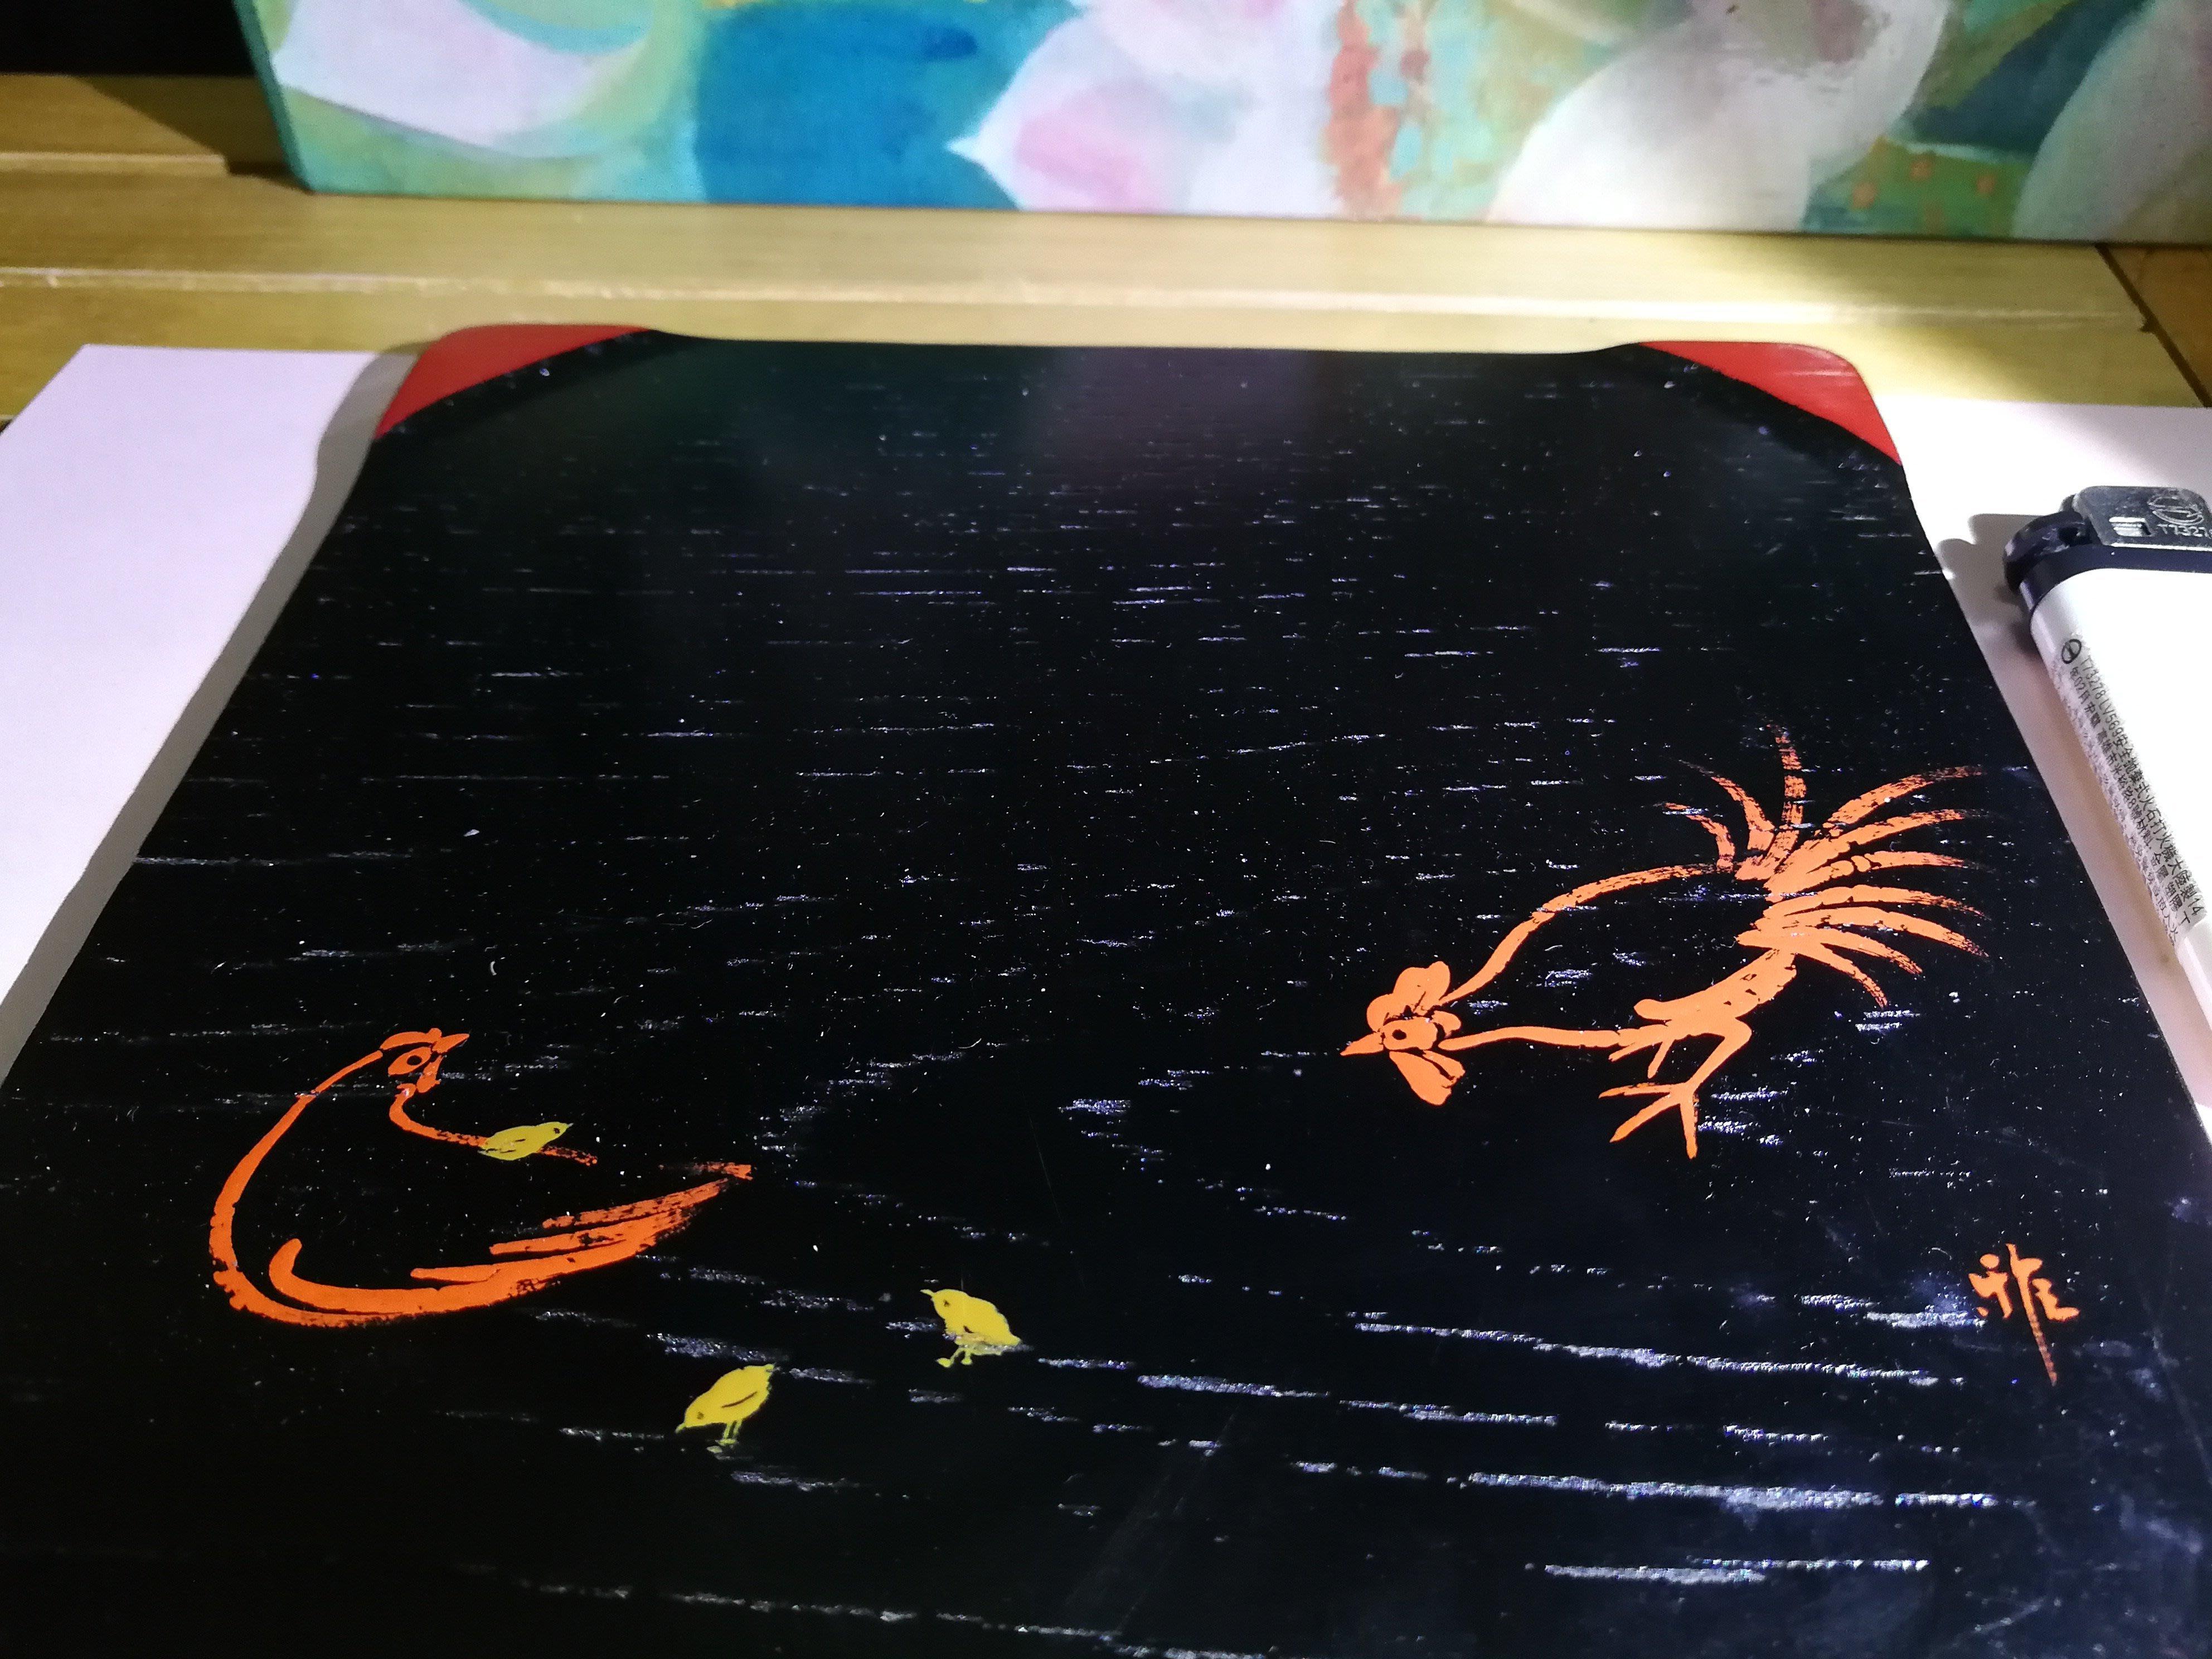 銘馨易拍重生網 107MM222 原木製 日手繪 幸福ㄧ窩 彩繪木漆盤、擺飾、收藏置物賞盤、墊木 保存如圖 讓藏